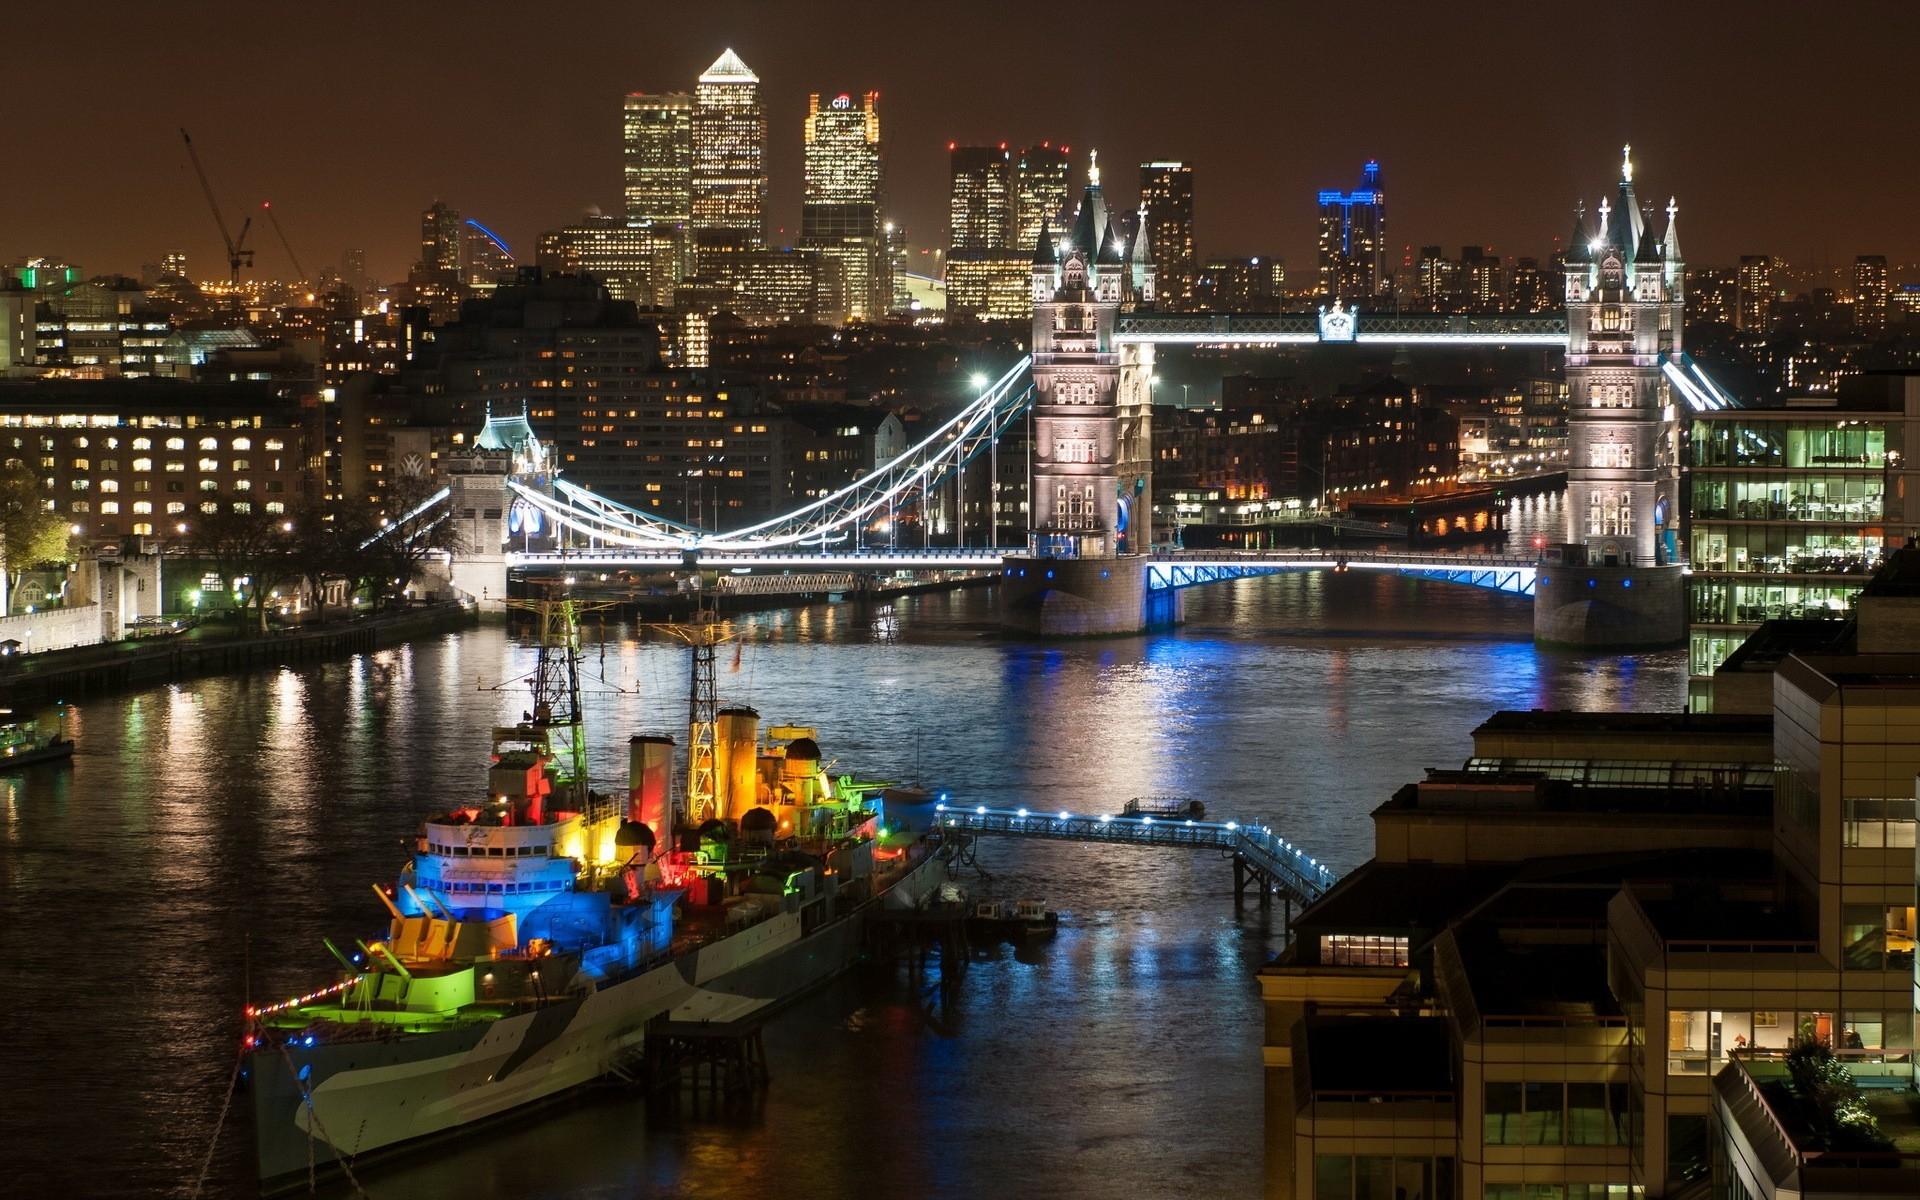 London Wallpaper Screensavers - WallpaperSafari